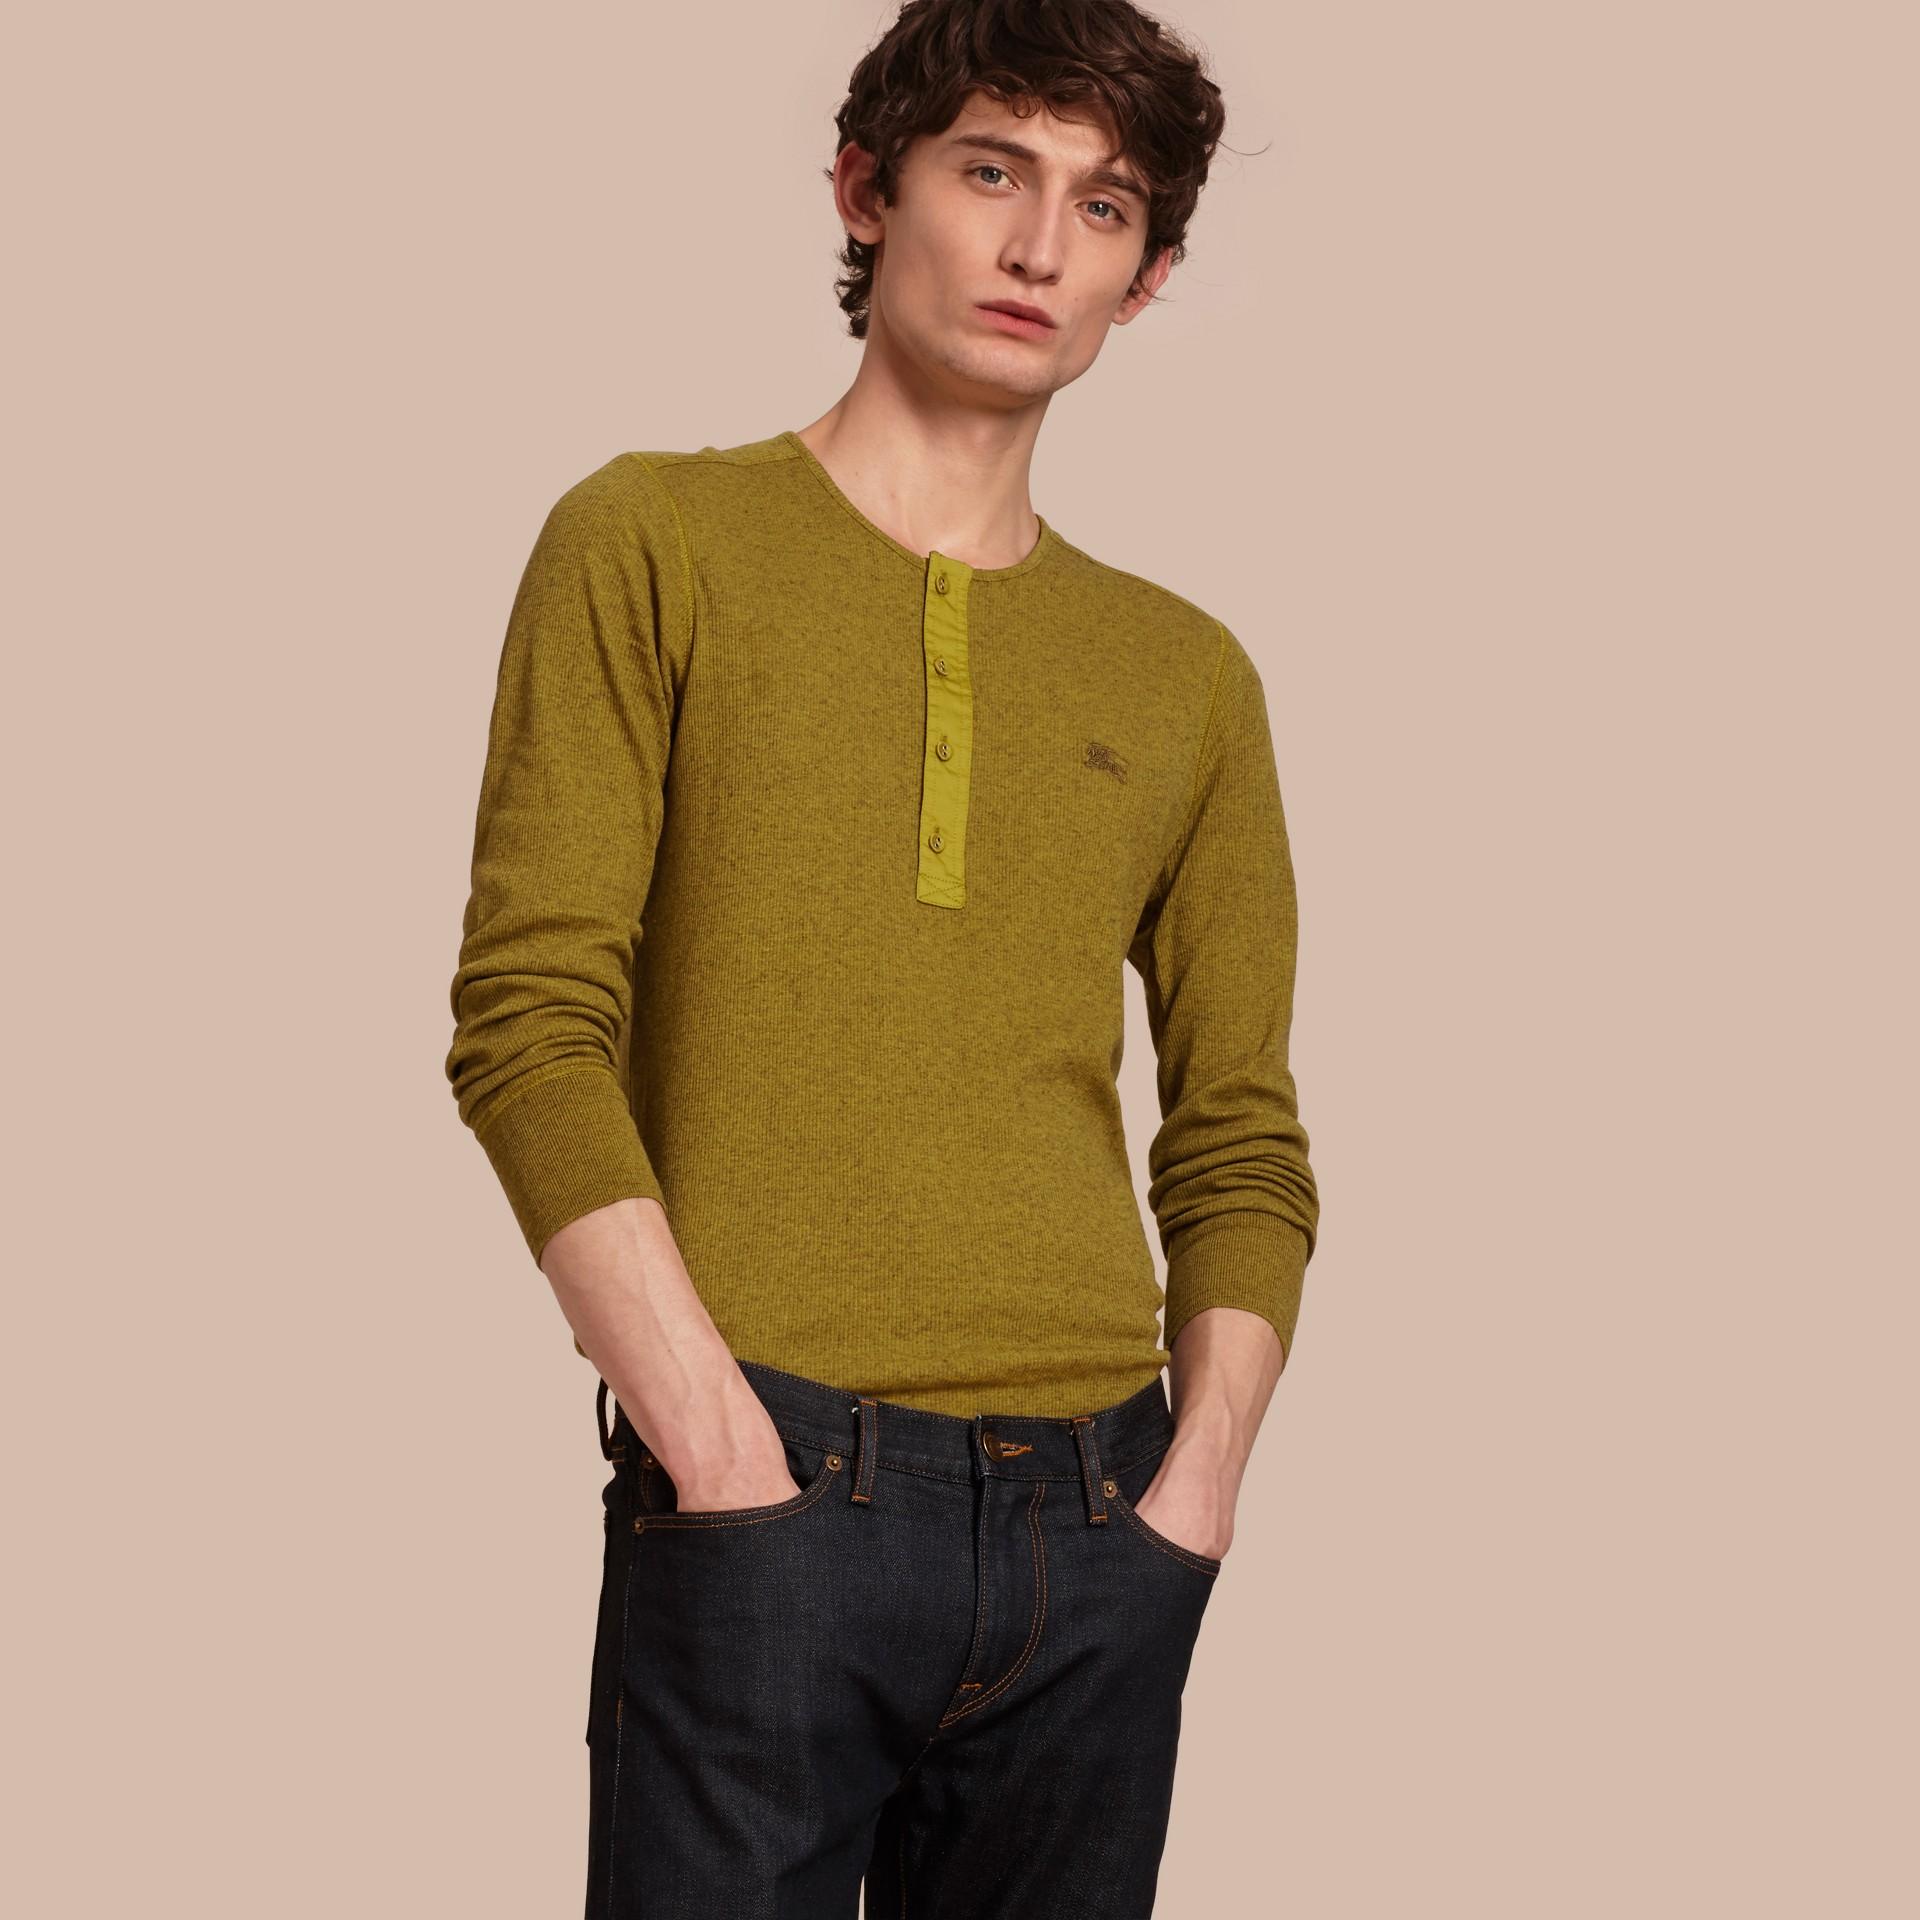 Olive green Camisa Henley de lã e algodão canelados Olive Green - galeria de imagens 1